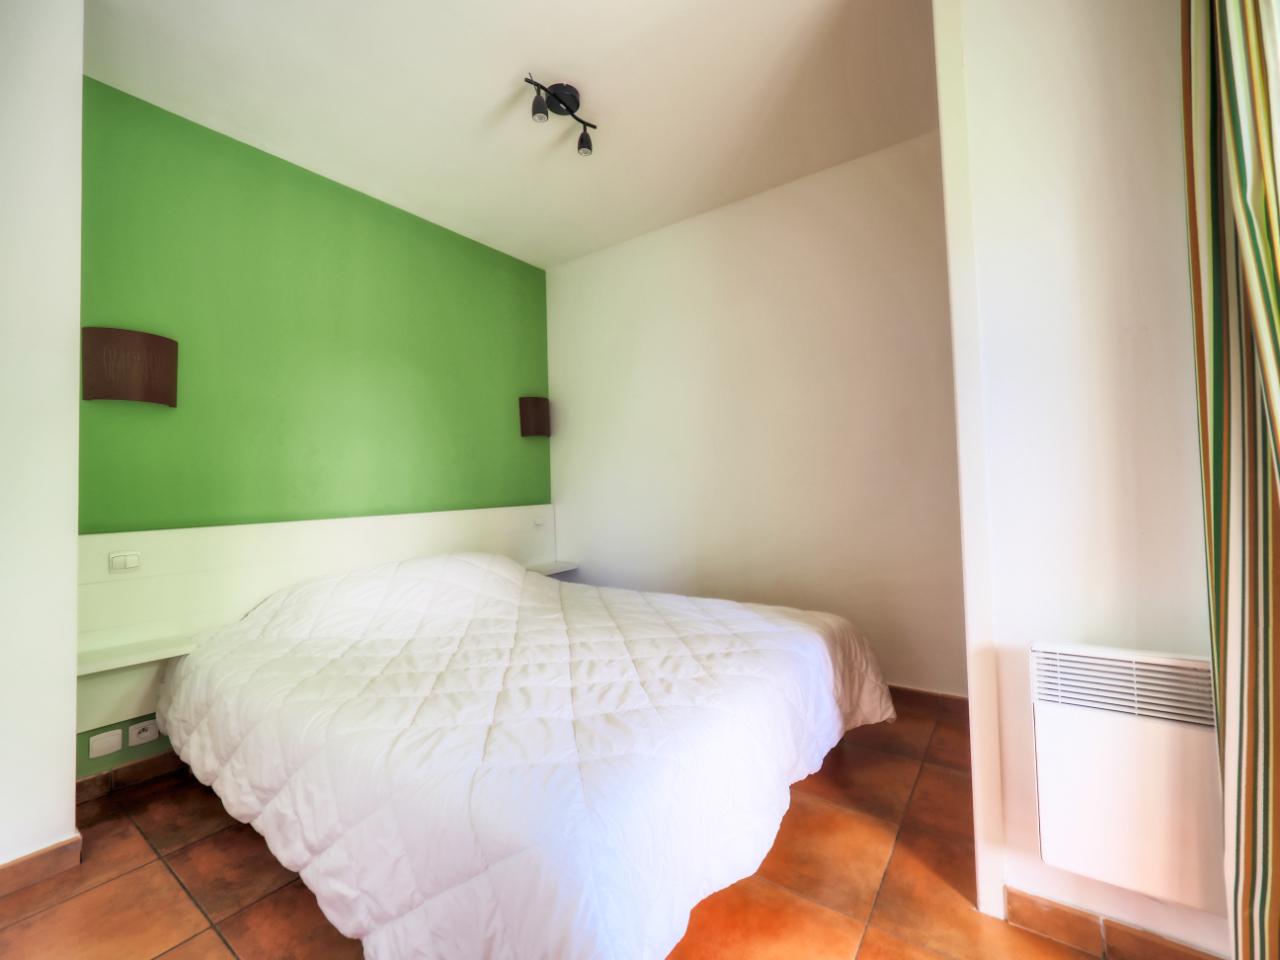 Vente appartement T3  à SAINT JEAN DE LUZ - 4